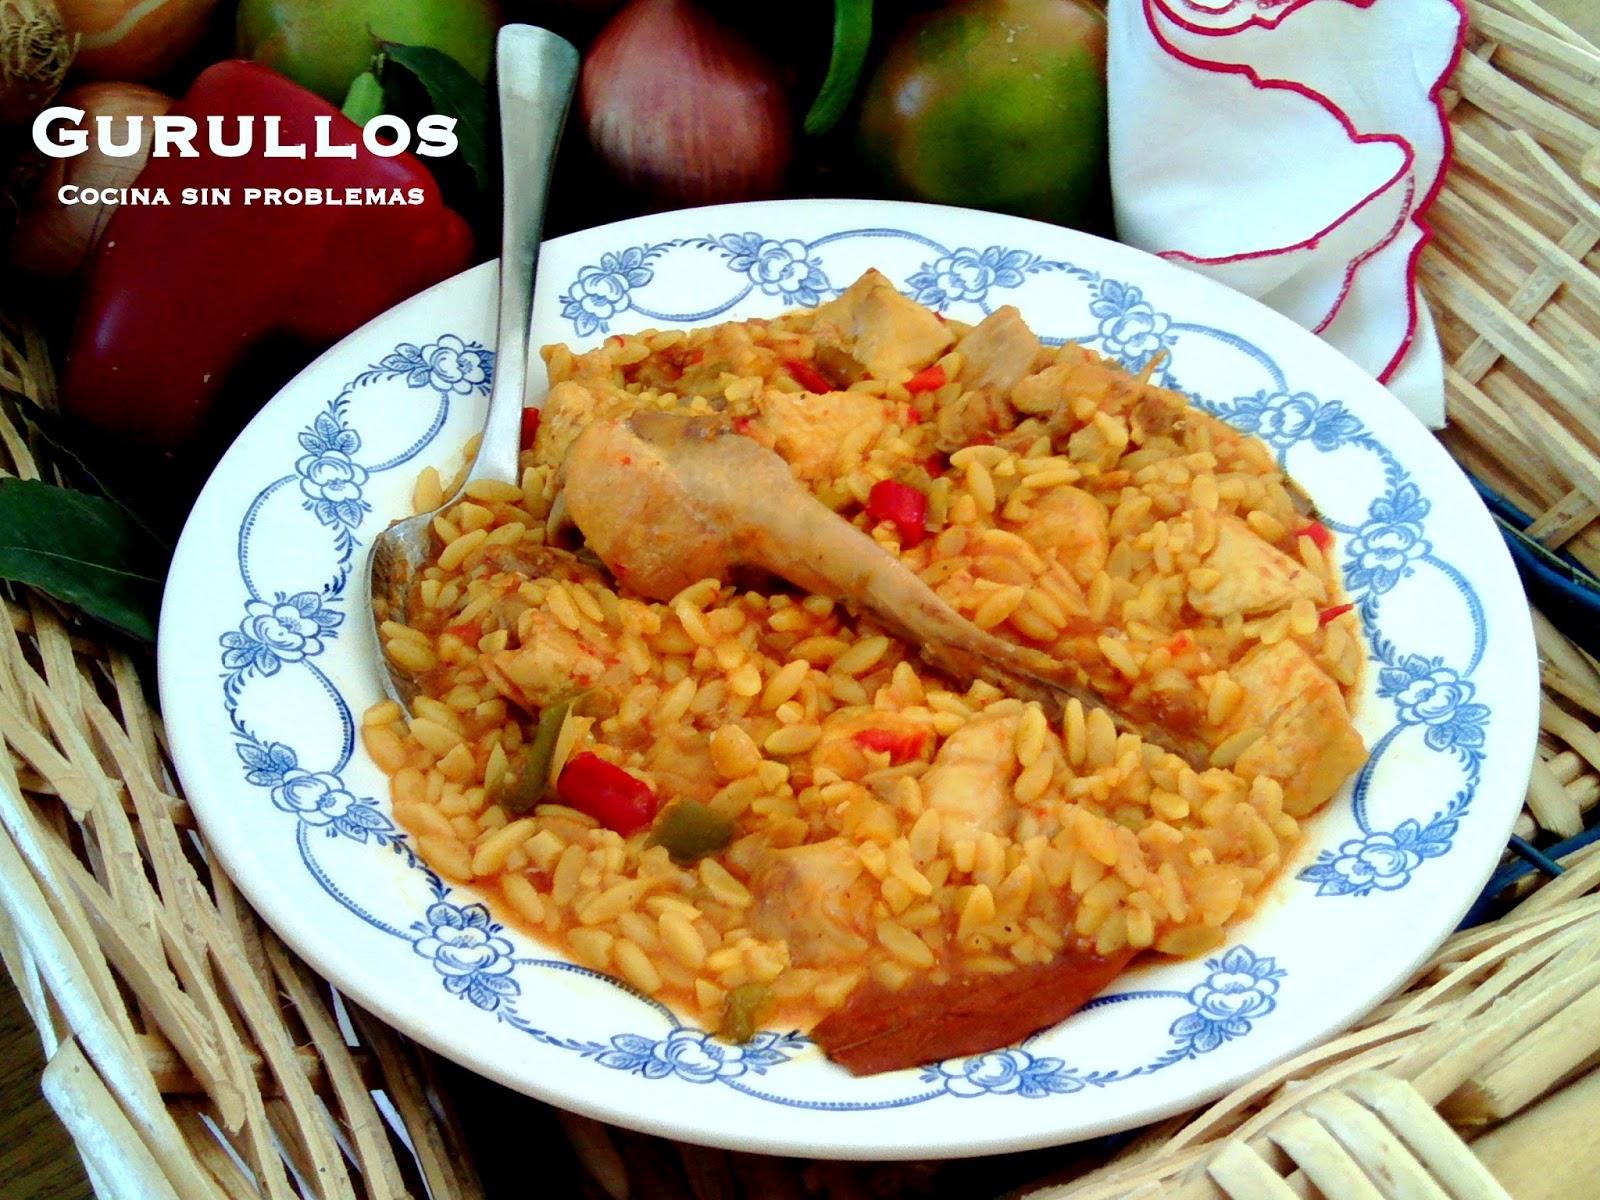 Cocina Murciana Recetas | Cocina Sin Problemas Gurullos Murcianos De Pollo Y Conejo